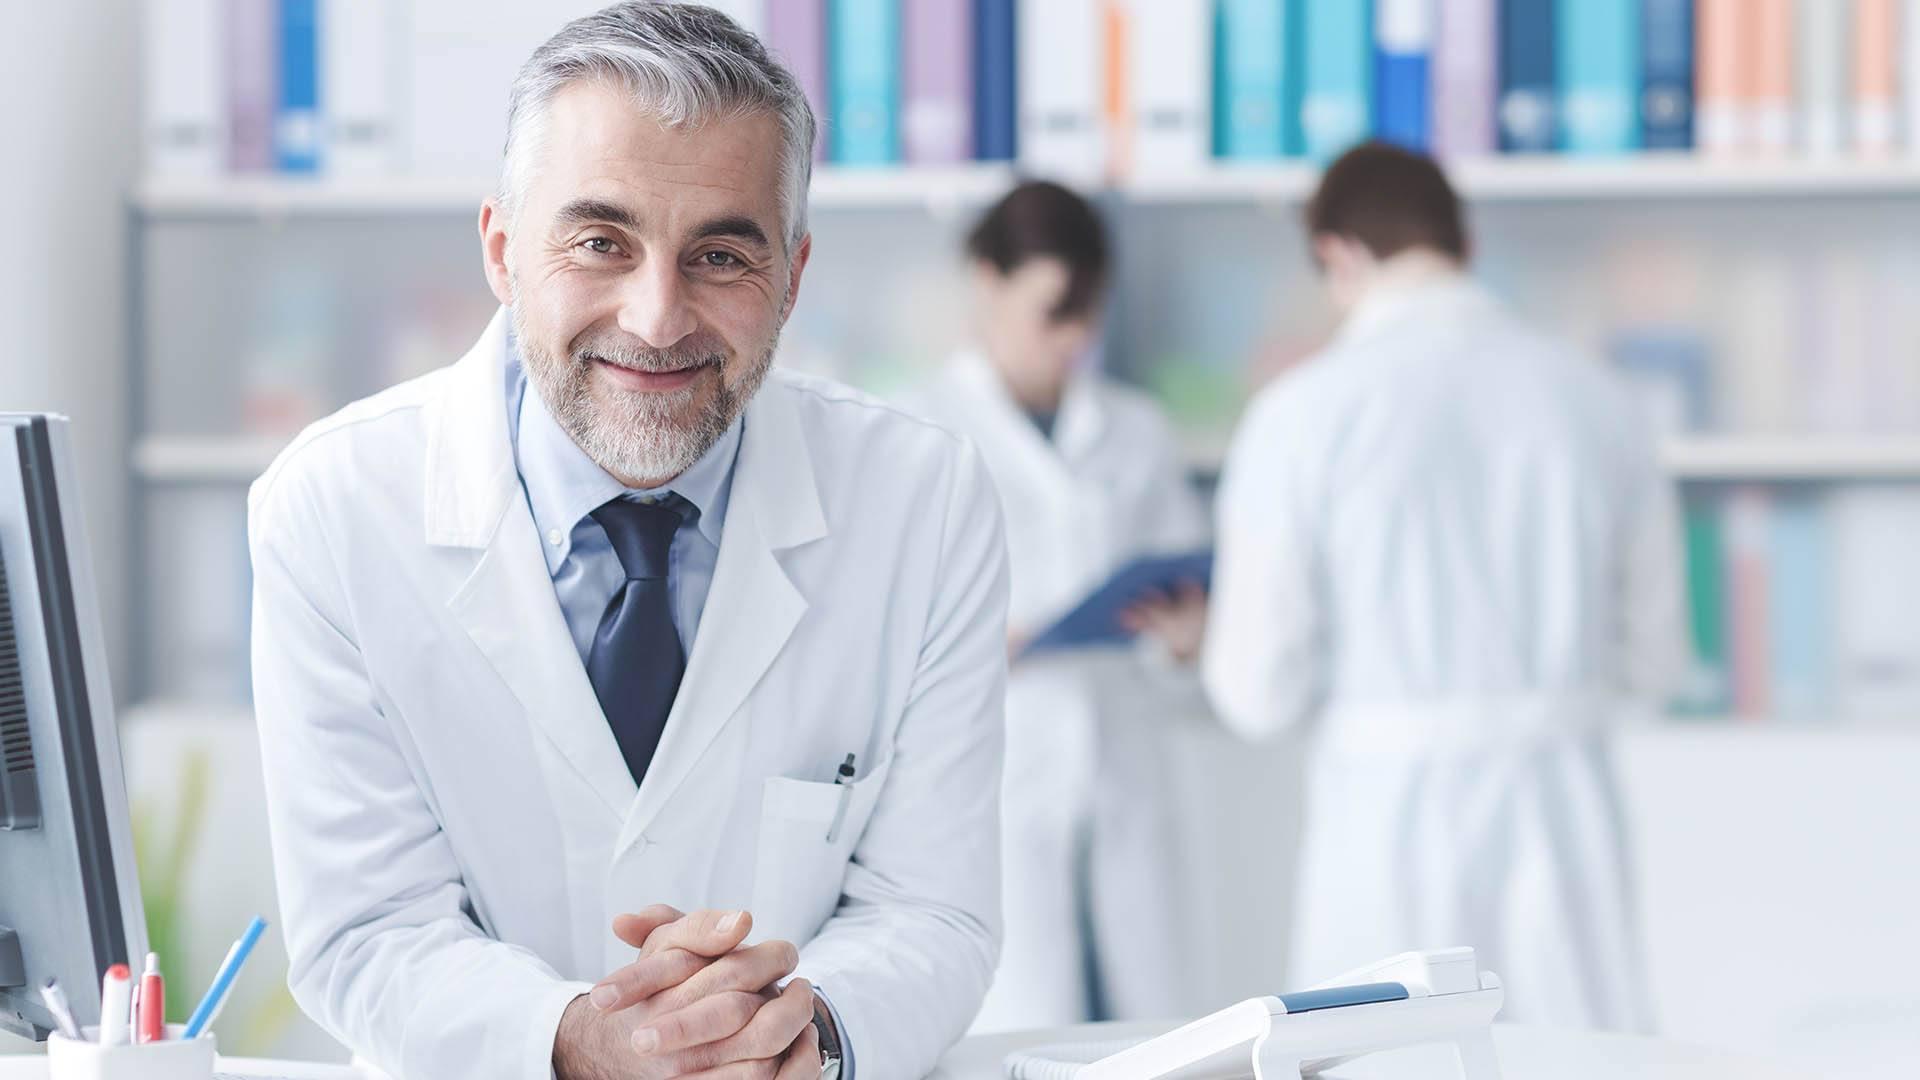 Đánh giá hiệu quả của biện pháp kê cao đầu giường, thuốc bethanechol và thuốc trung hòa acid (antacid) trên bệnh trào ngược dạ dày thực quản